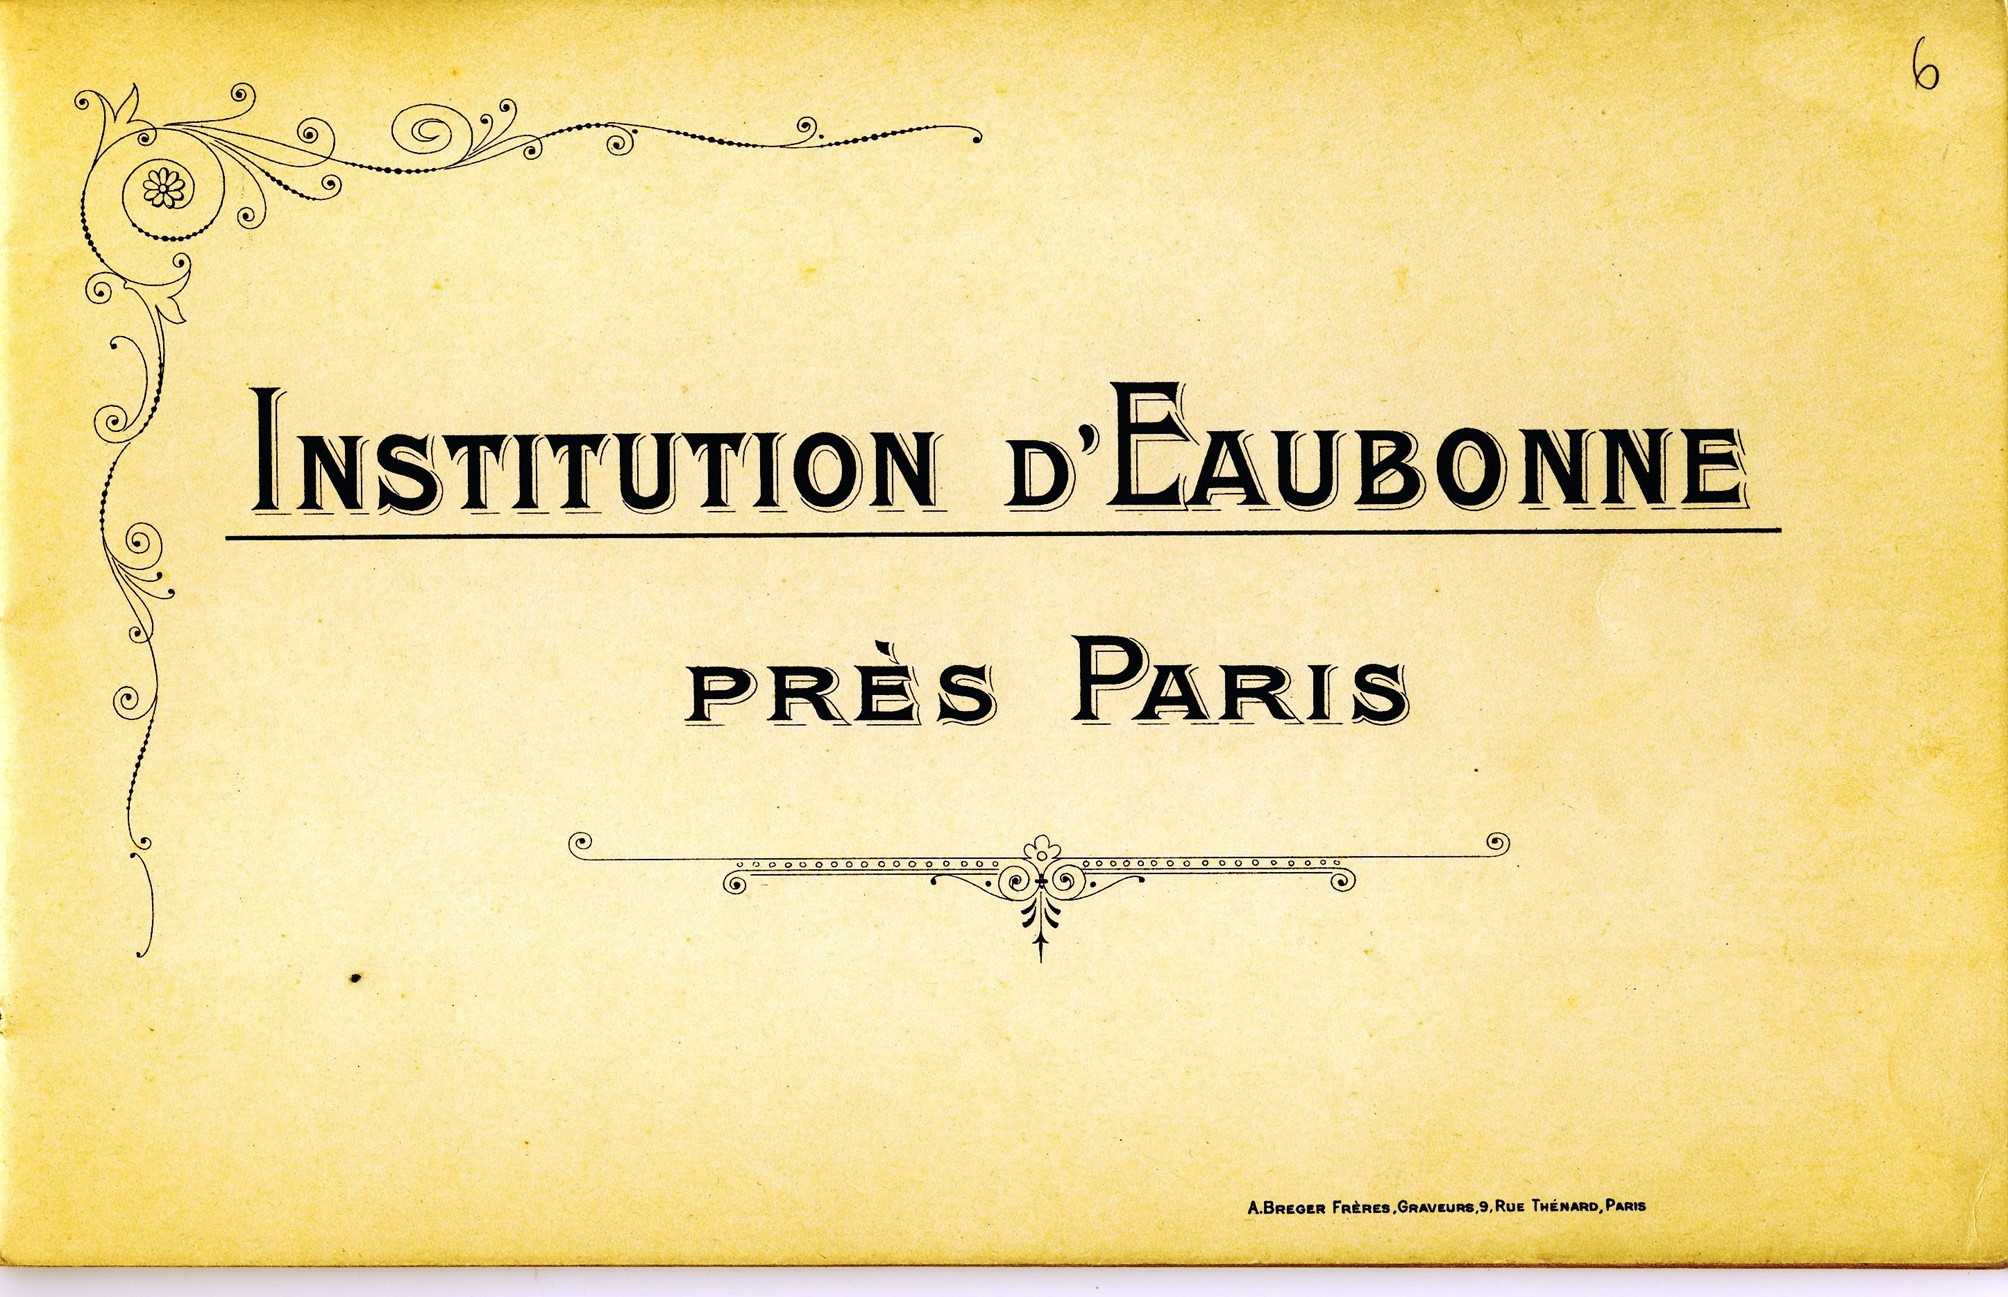 Institut d'Eaubonne